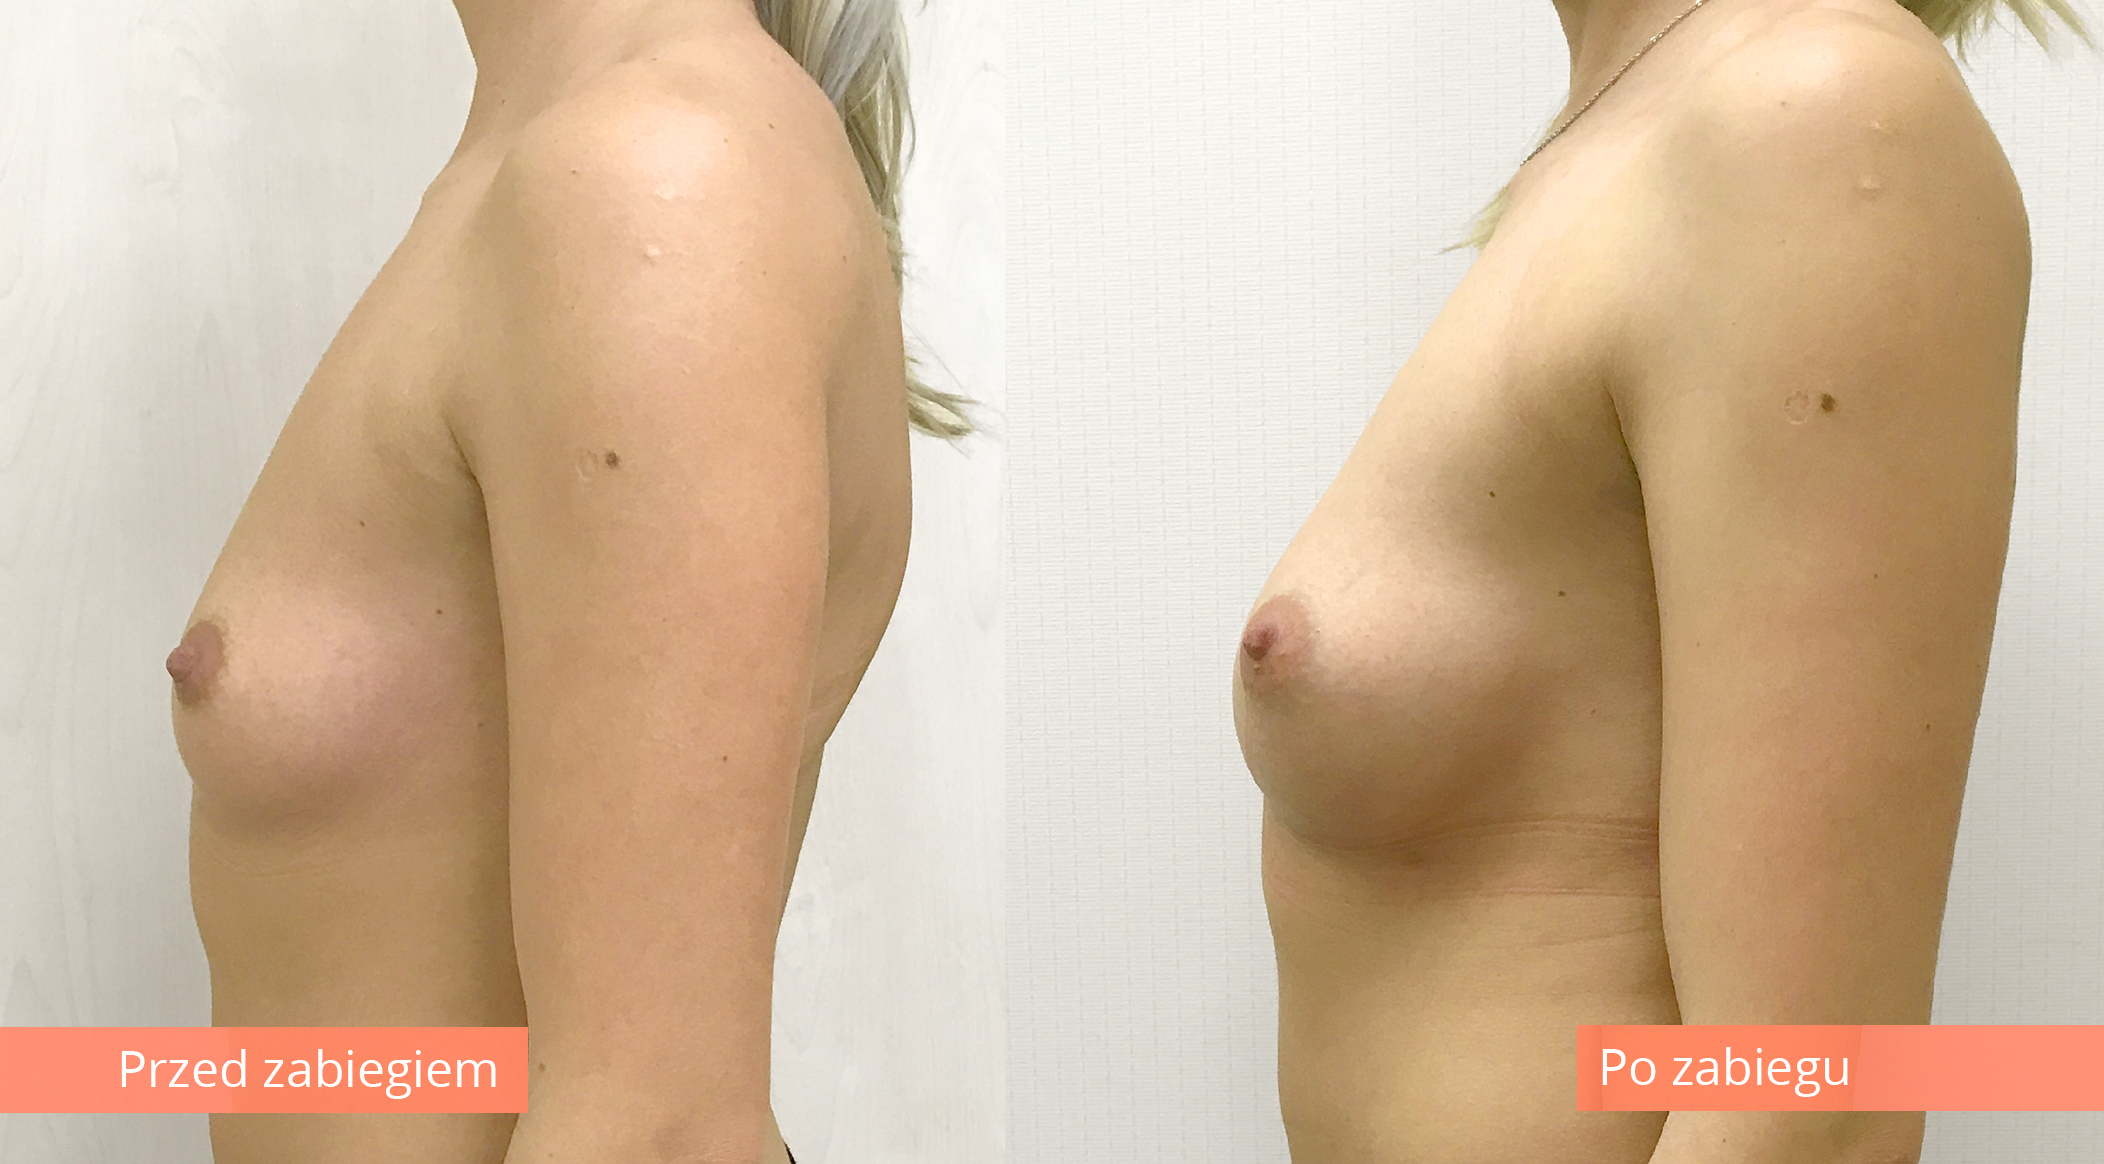 powiekszenie-piersi-wlasnym-tluszczem